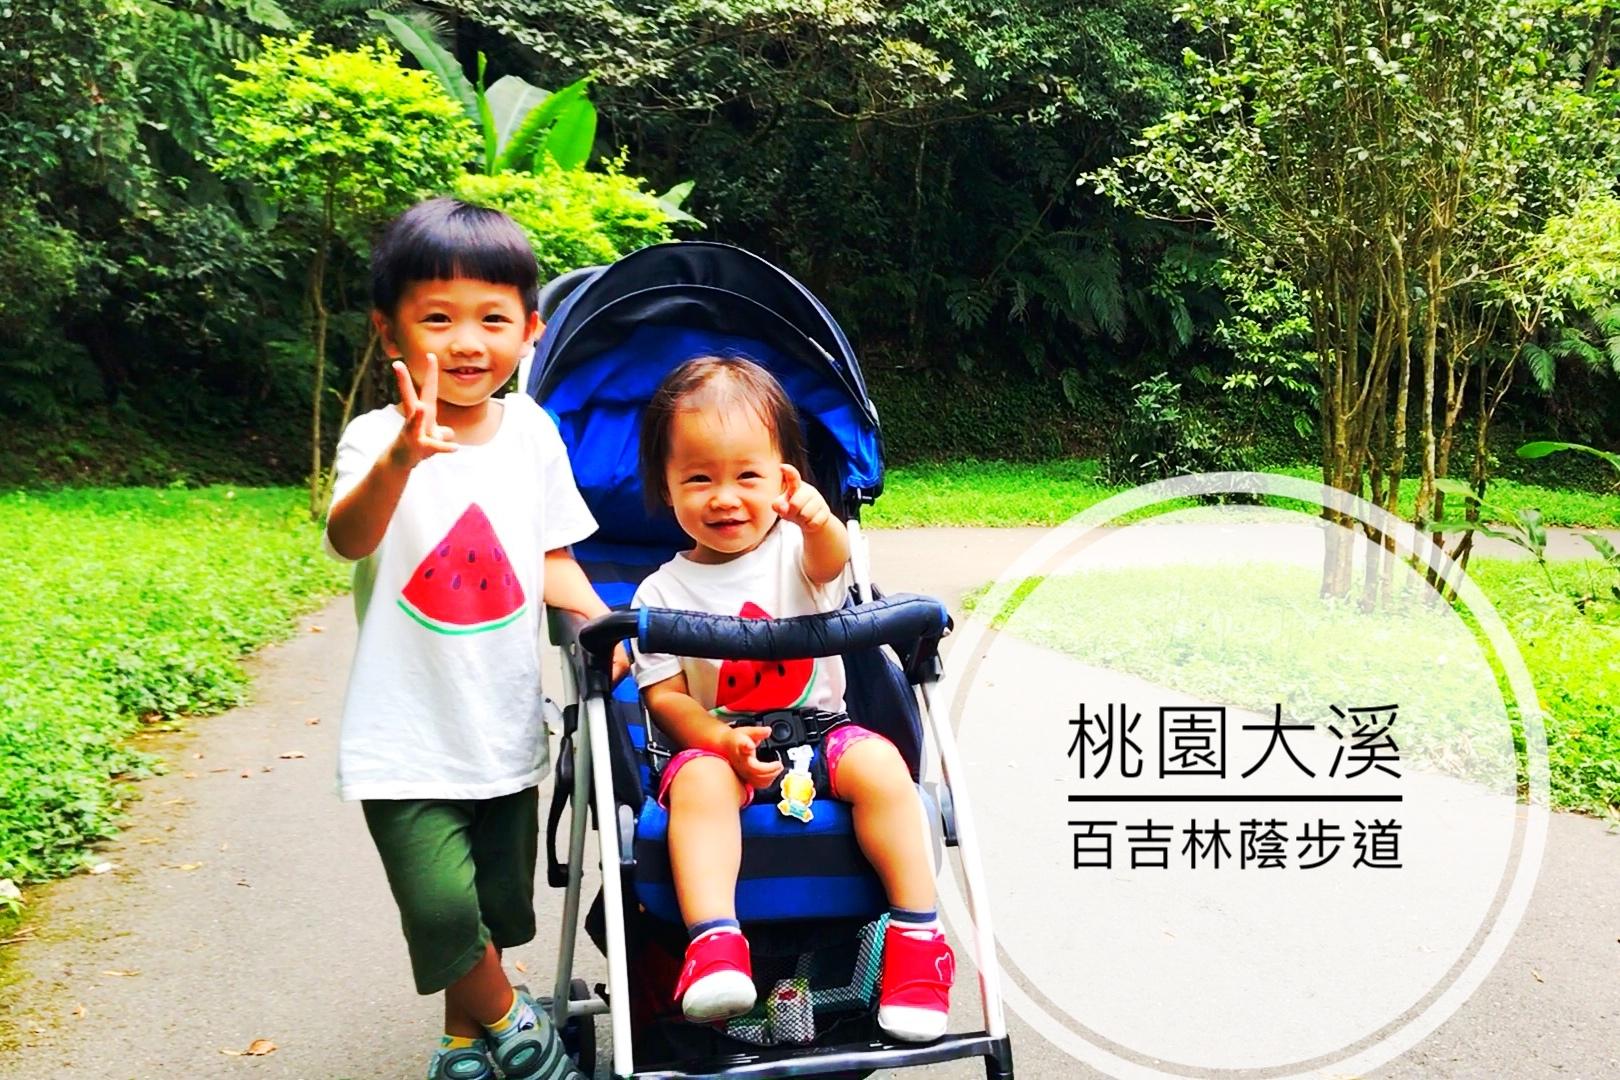 盛夏親子森林浴,桃園「百吉林蔭步道」大熱天帶小朋友散步也可以清爽又優雅